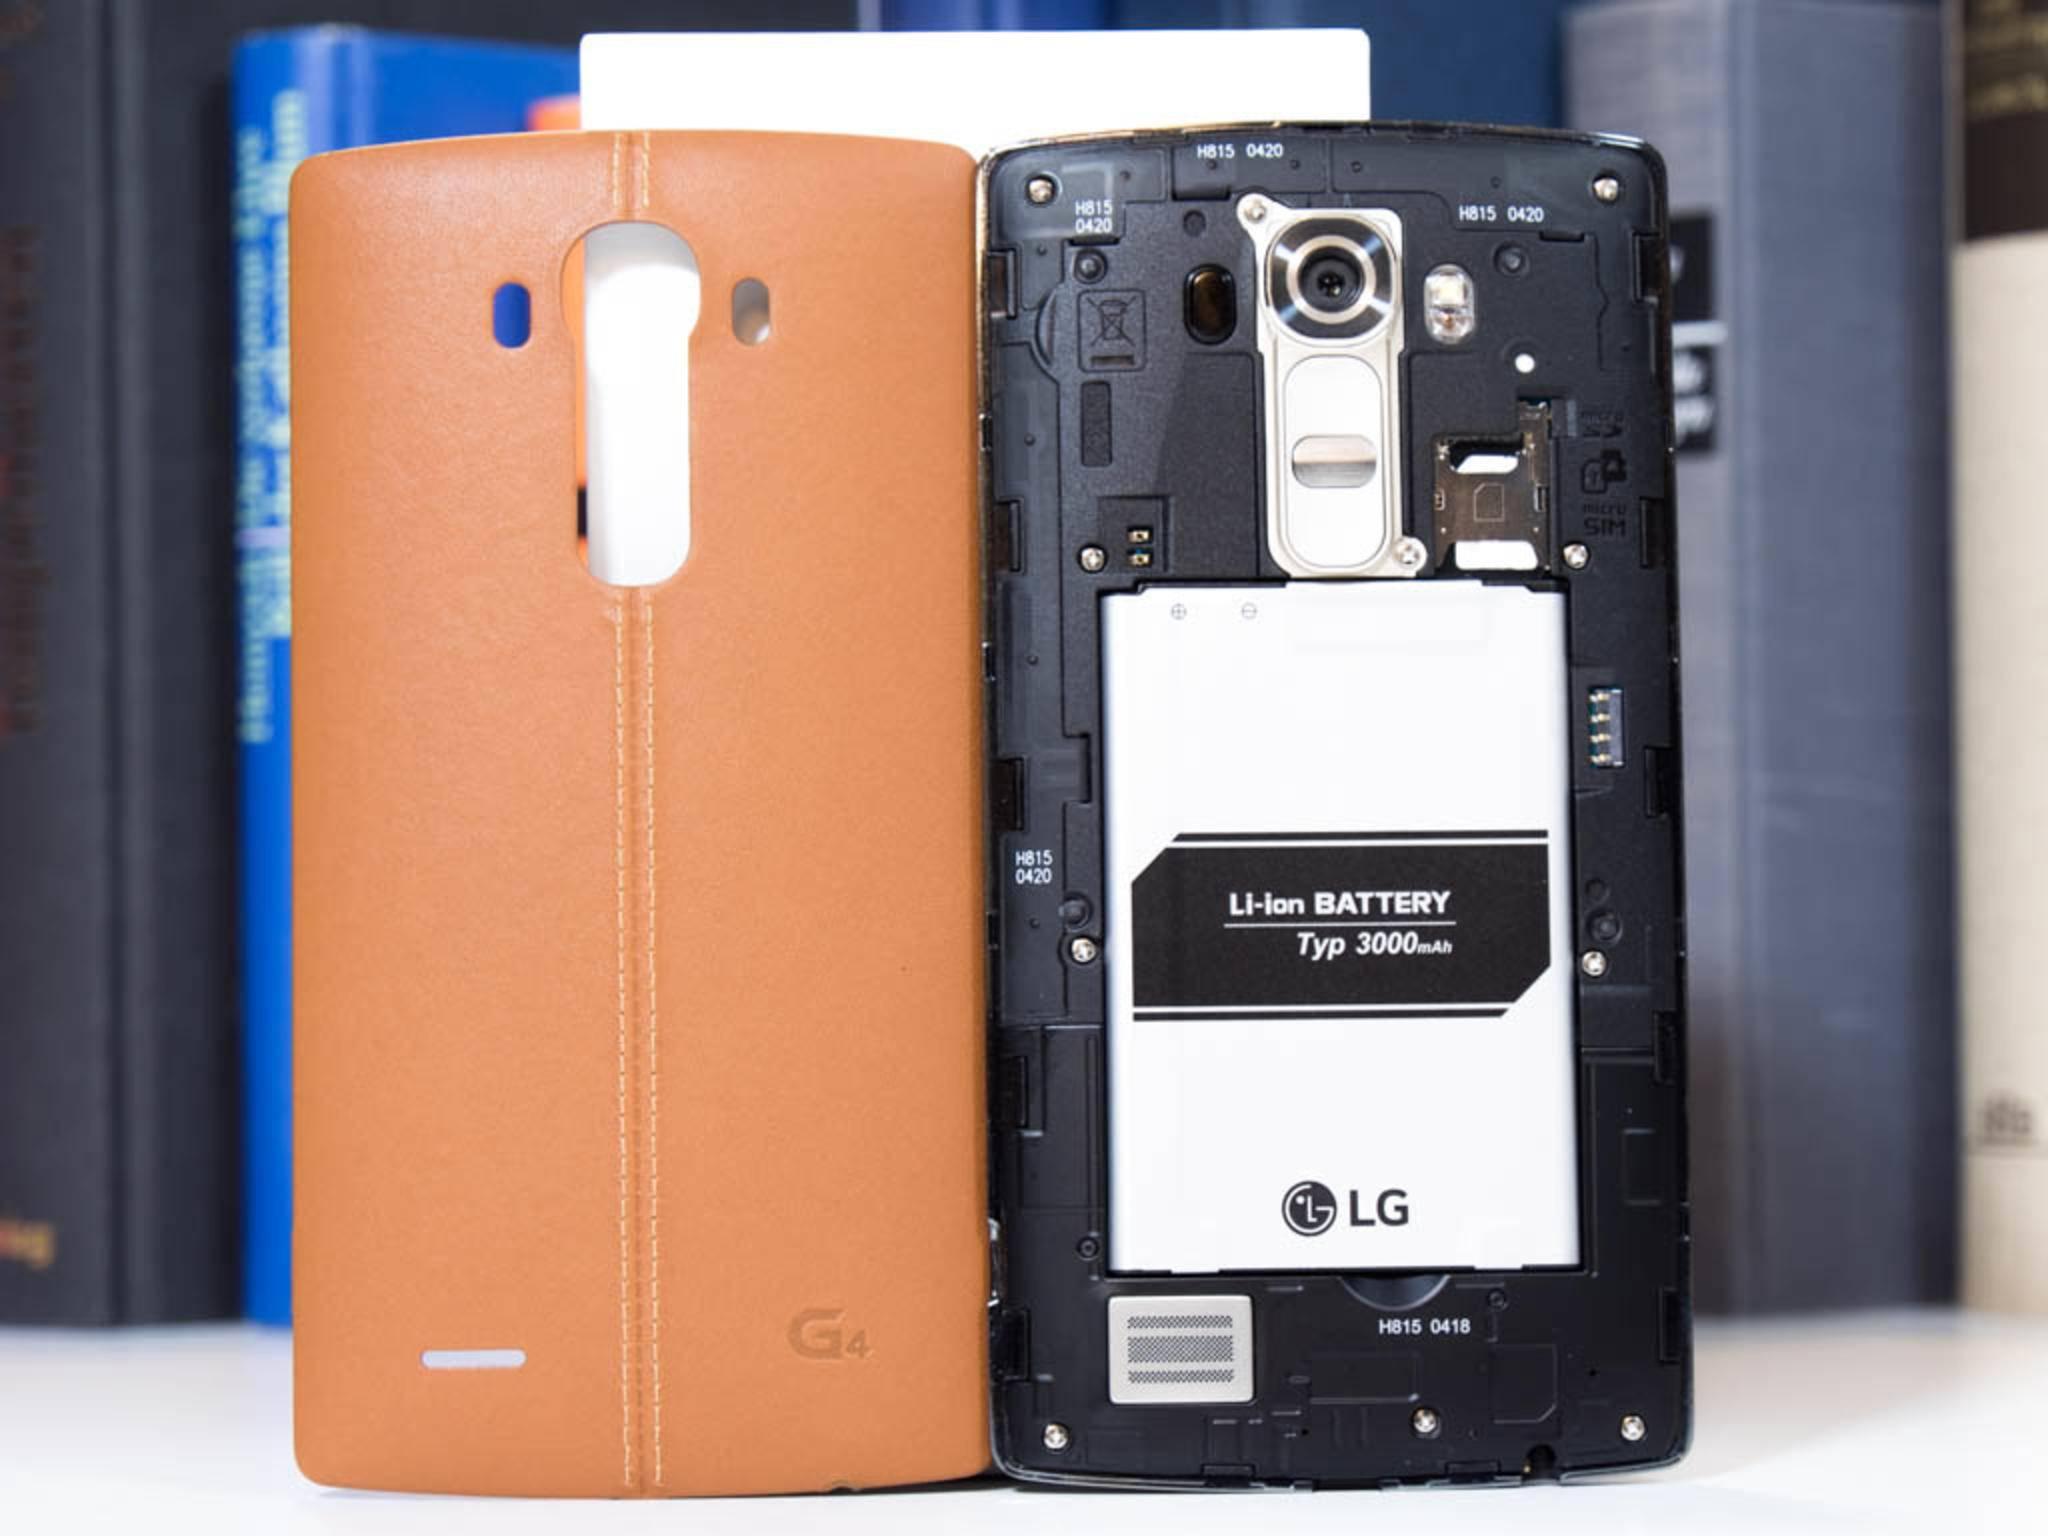 Die Rückseite des LG G4 ist abnehmbar und lässt sich somit leicht ersetzen.